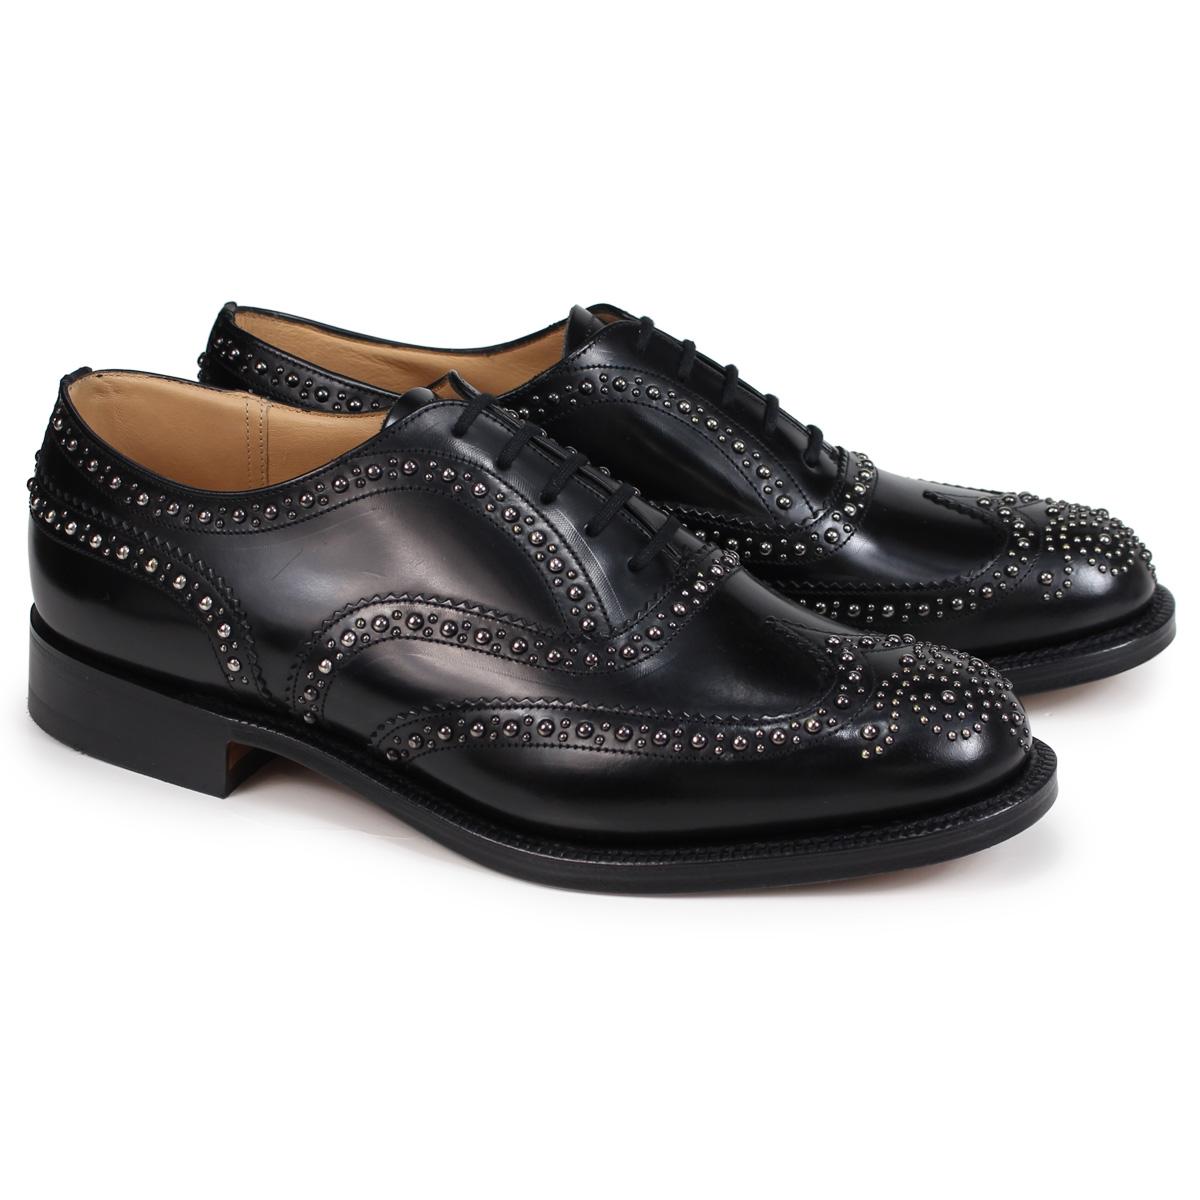 Church's BURWOOD 2S POLISHED BINDER チャーチ 靴 バーウッド 2S ウイングチップ シューズ メンズ EEB012 スタッズ ブラック